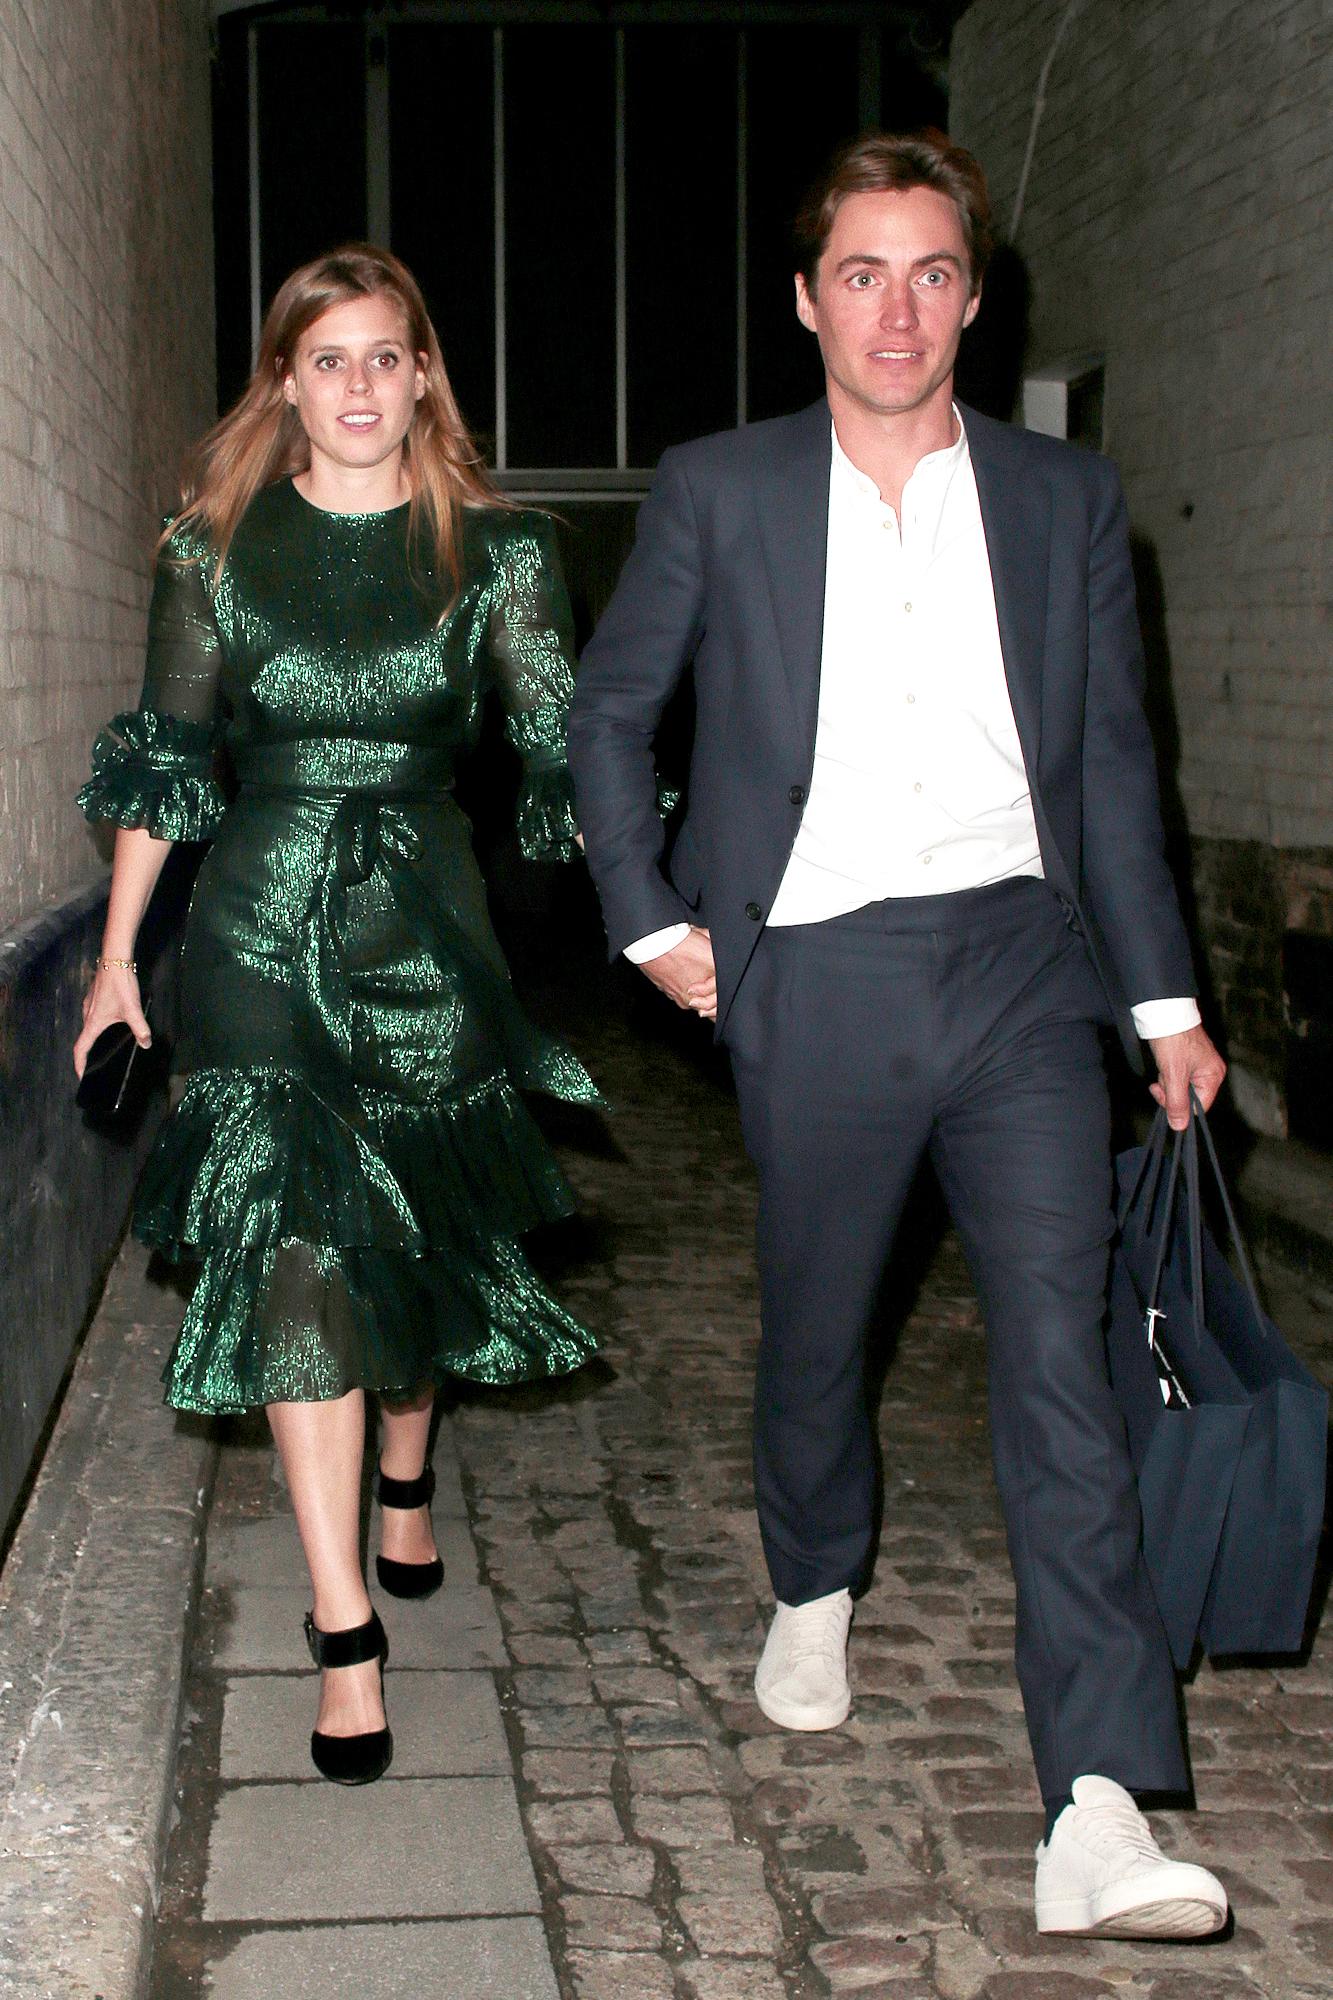 """Công nương Kate bị chê mặc xấu khi diện váy hao hao """"Công chúa thị phi nhất hoàng gia Anh"""" - Ảnh 3."""